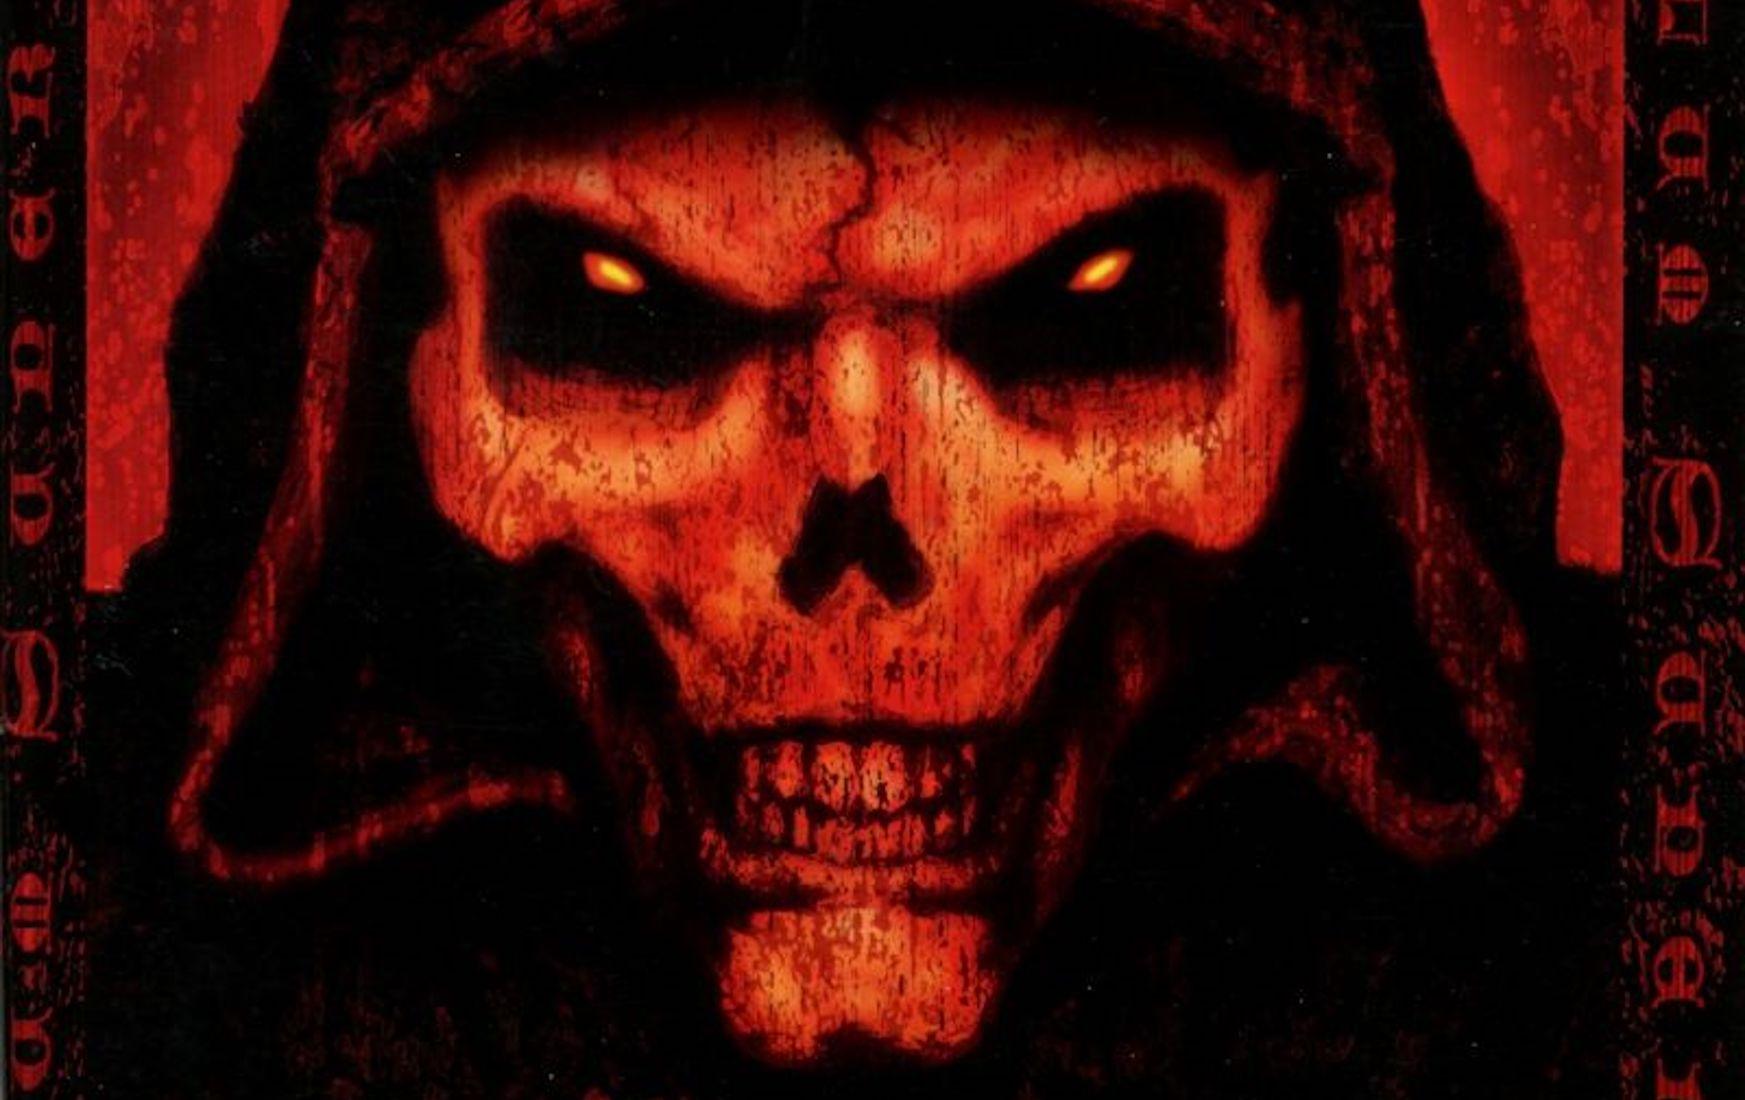 Zer gertatzen da, Diablo? 4 - Diabloren berreraikuntza dator 2, edo Diablo 2: Berrindartu